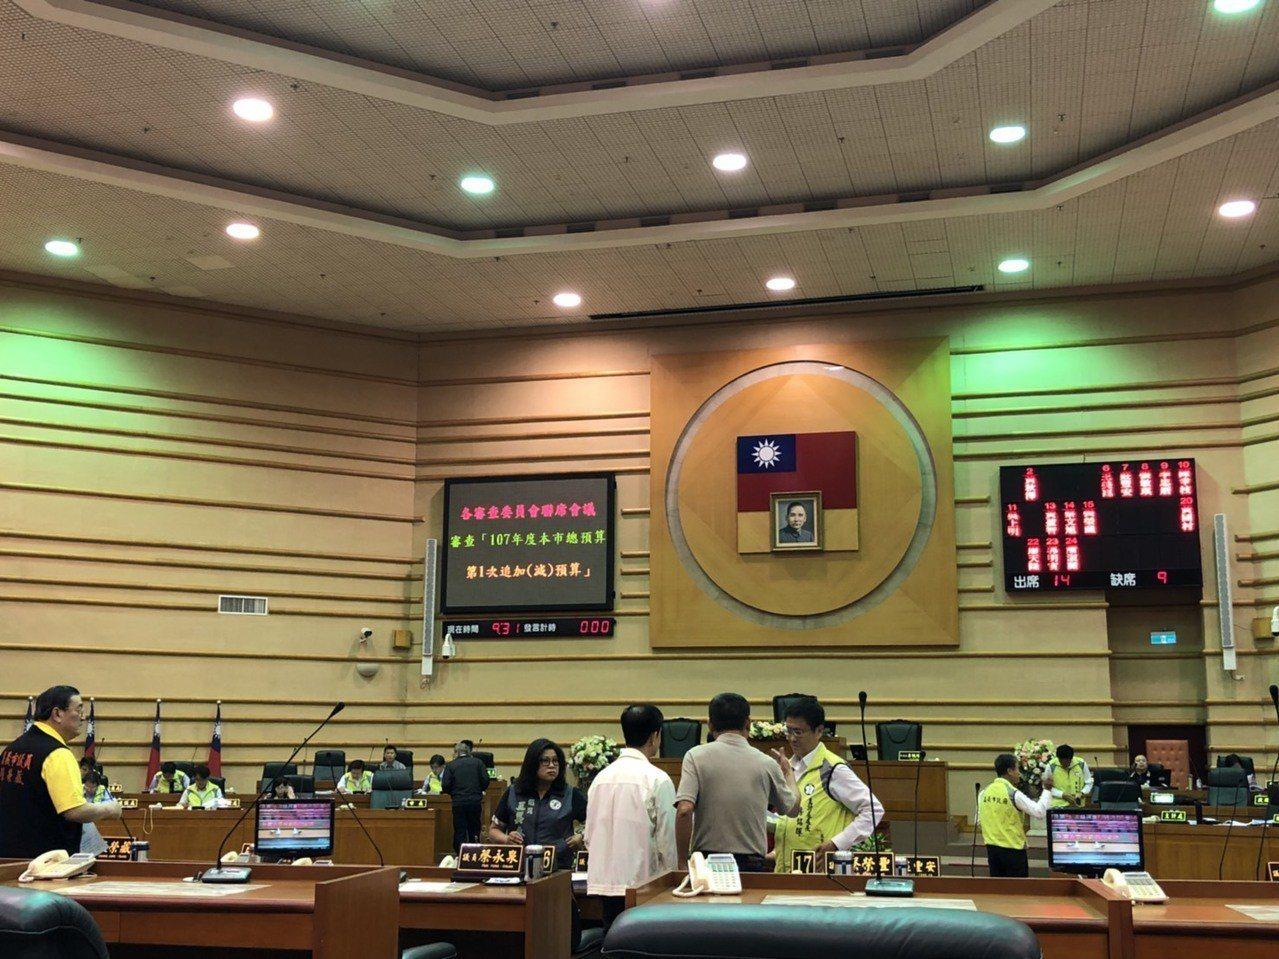 嘉義市議會今天上午9點30分開臨時會,由於已有會前會的默契,會議進行約30分鐘即...